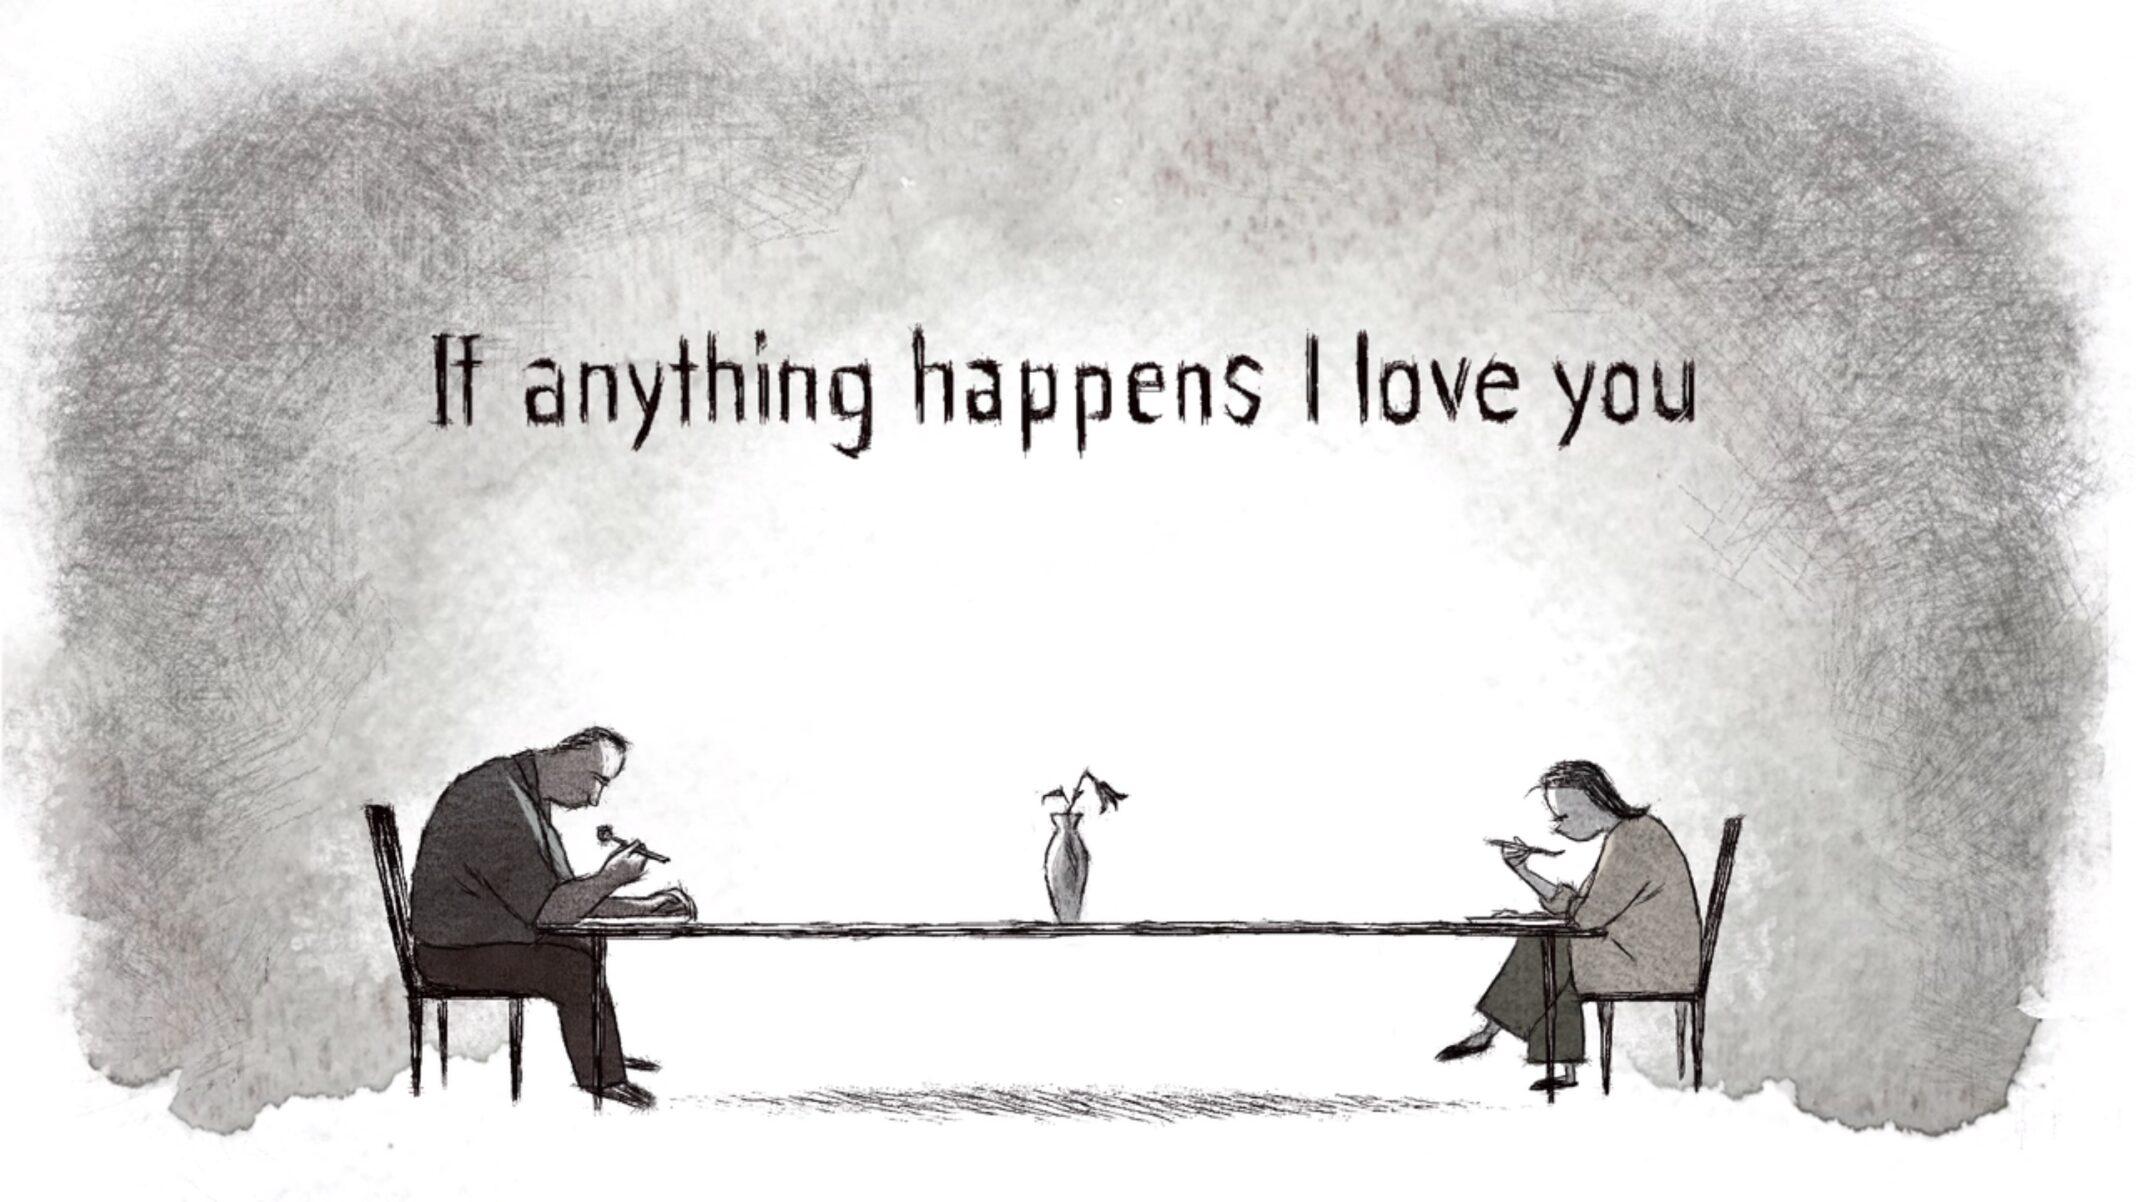 A imagem é uma cena do curta Se Algo Acontecer… Te Amo. A imagem é um desenho em tons preto e branco. Nela, há um homem e uma mulher sentados em uma longa mesa de jantar, cada um em uma ponta; ao centro da mesa, há um vaso com uma flor murcha. Acima deles, está escrito o título original do curta: If anything happens I love you.